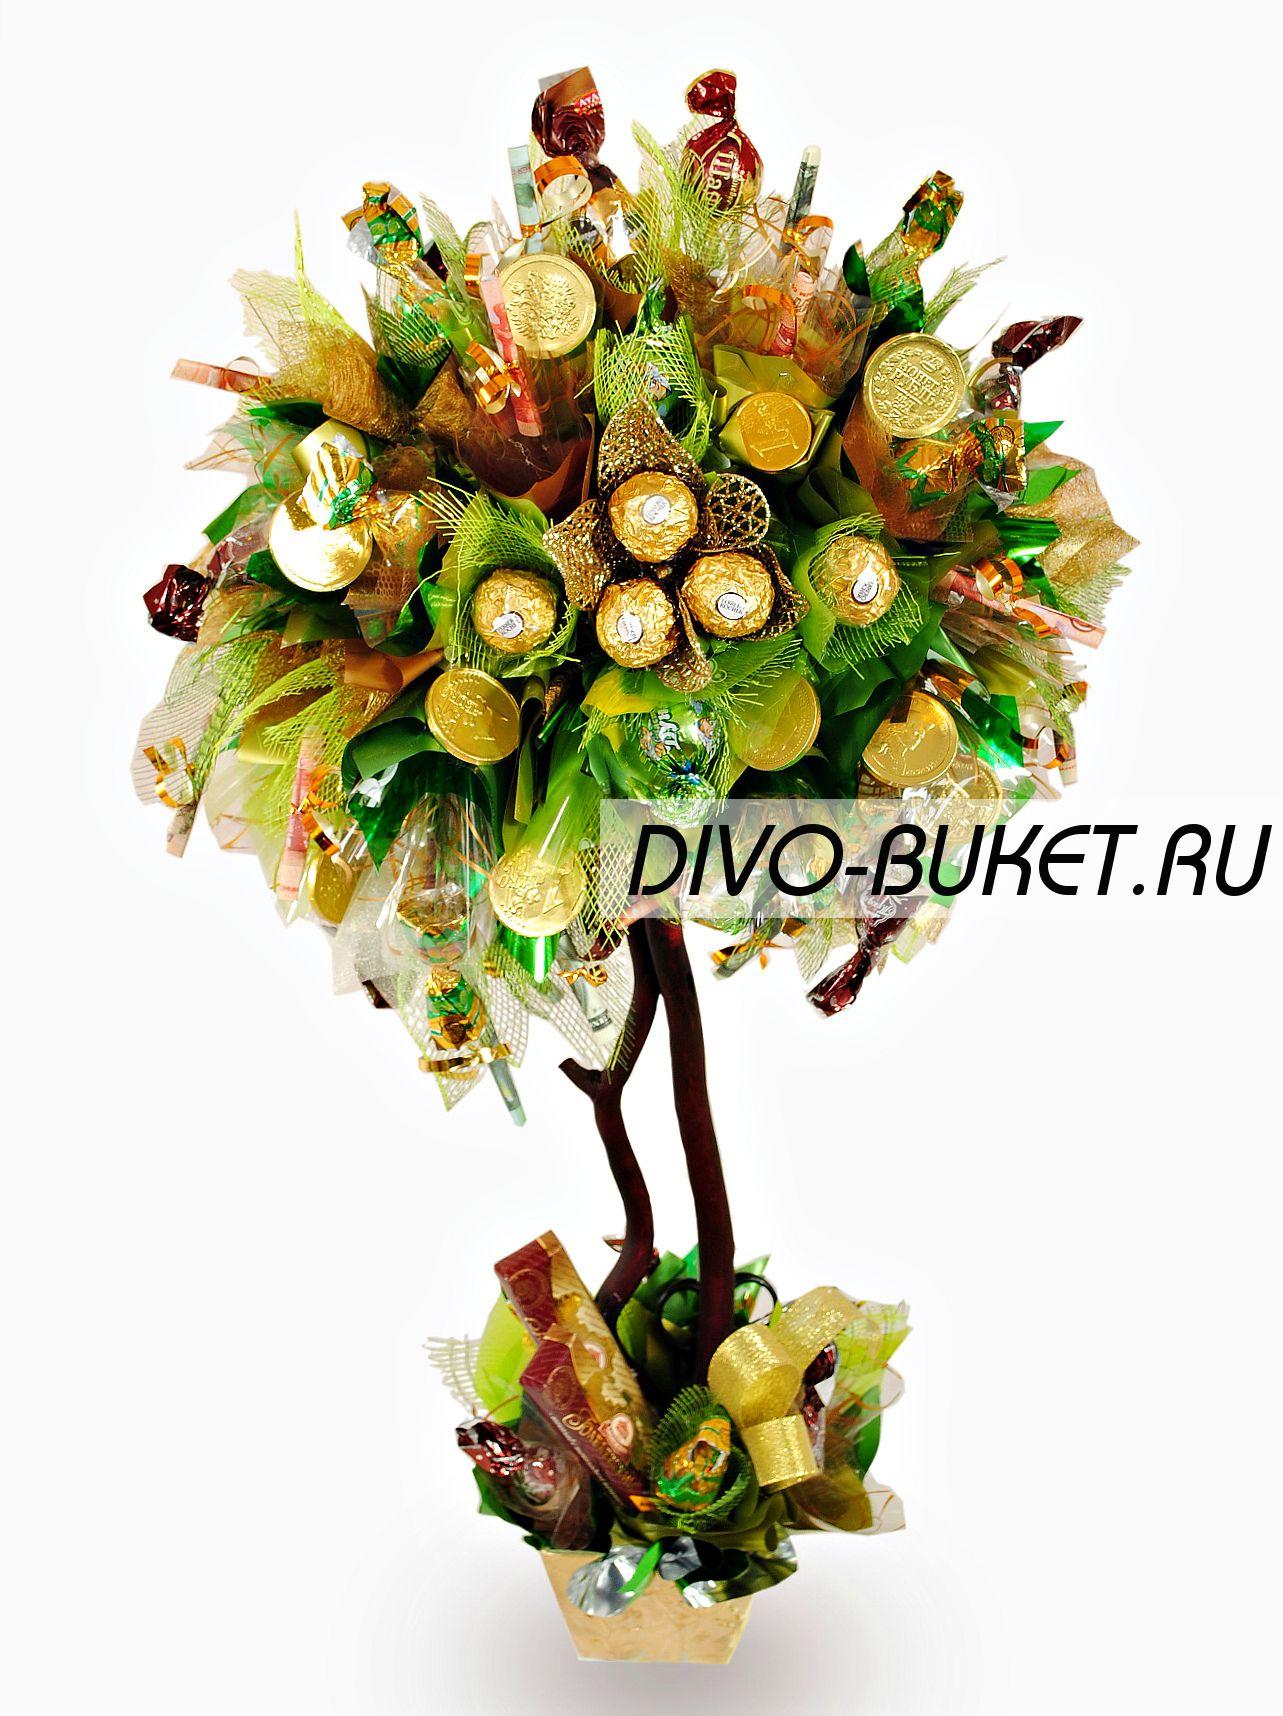 Денежное дерево из конфет своими руками мастер класс 12